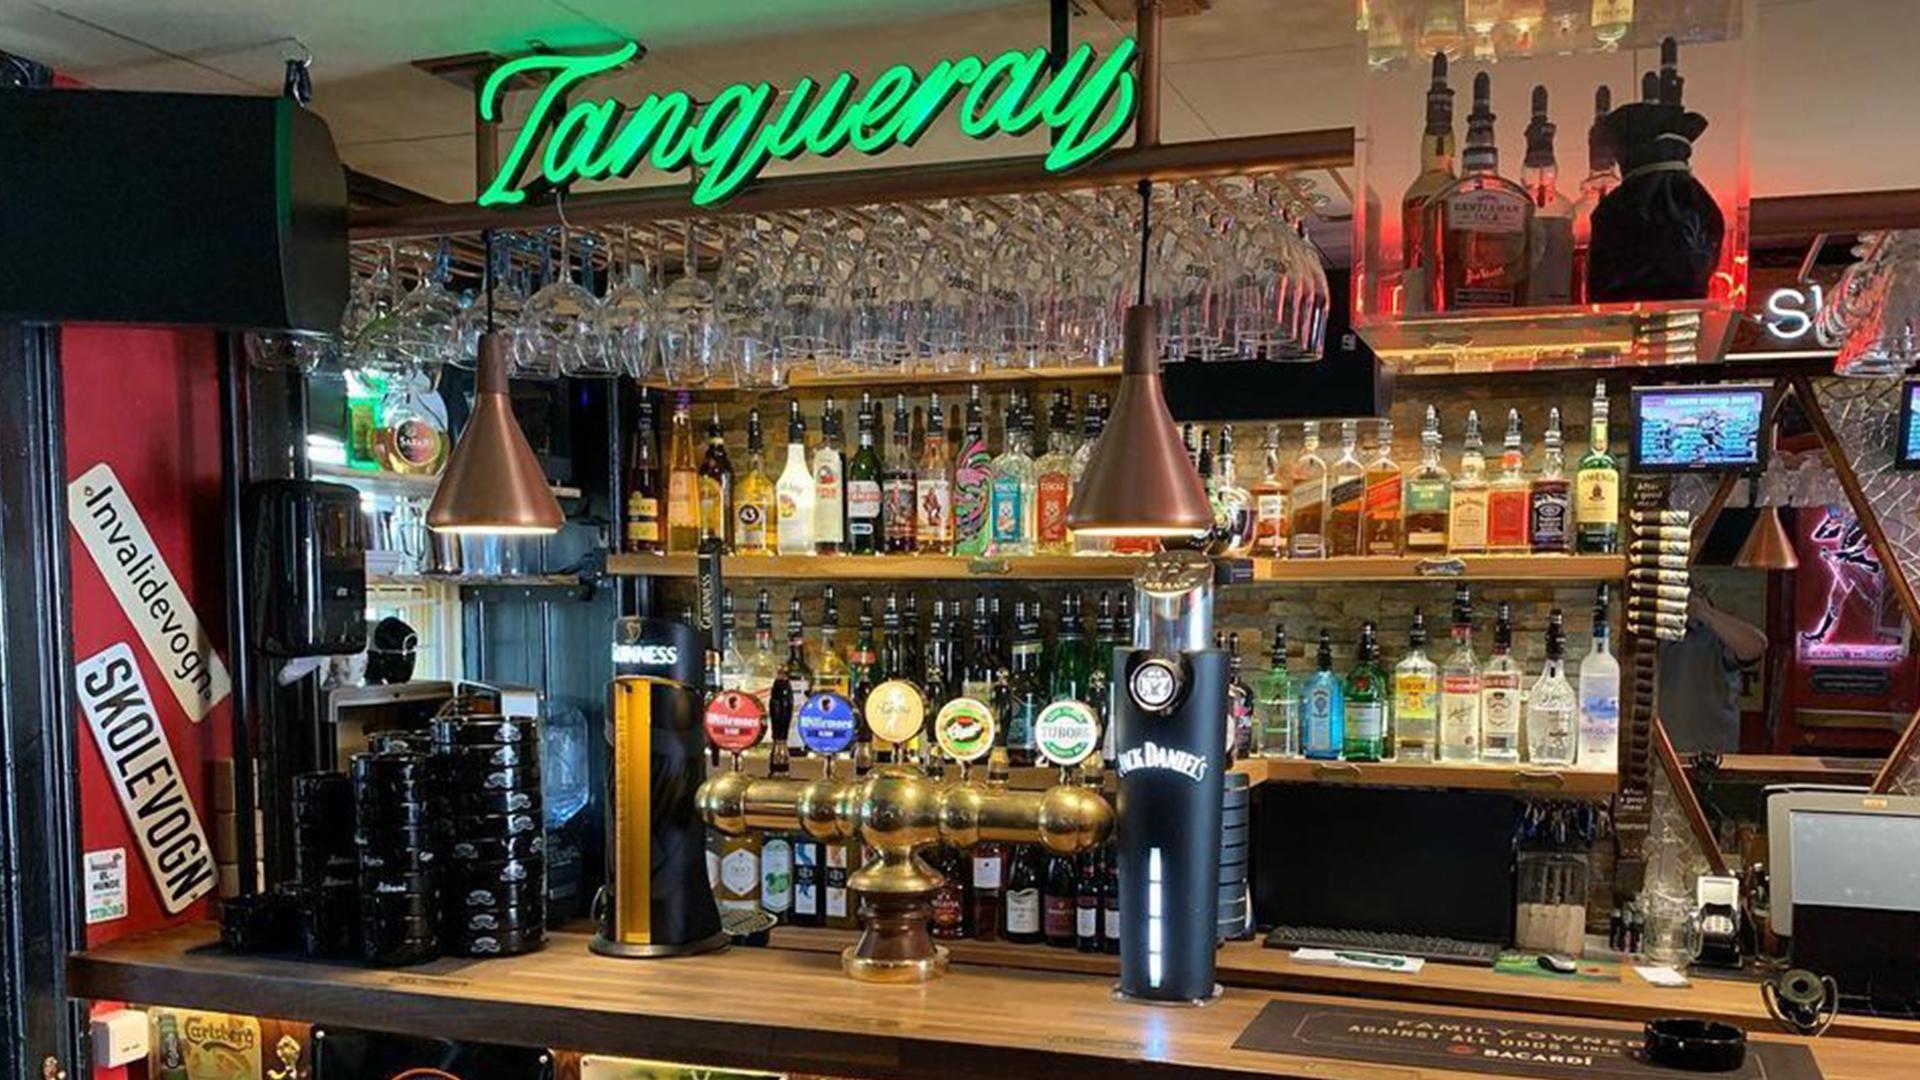 freddys bar drinks